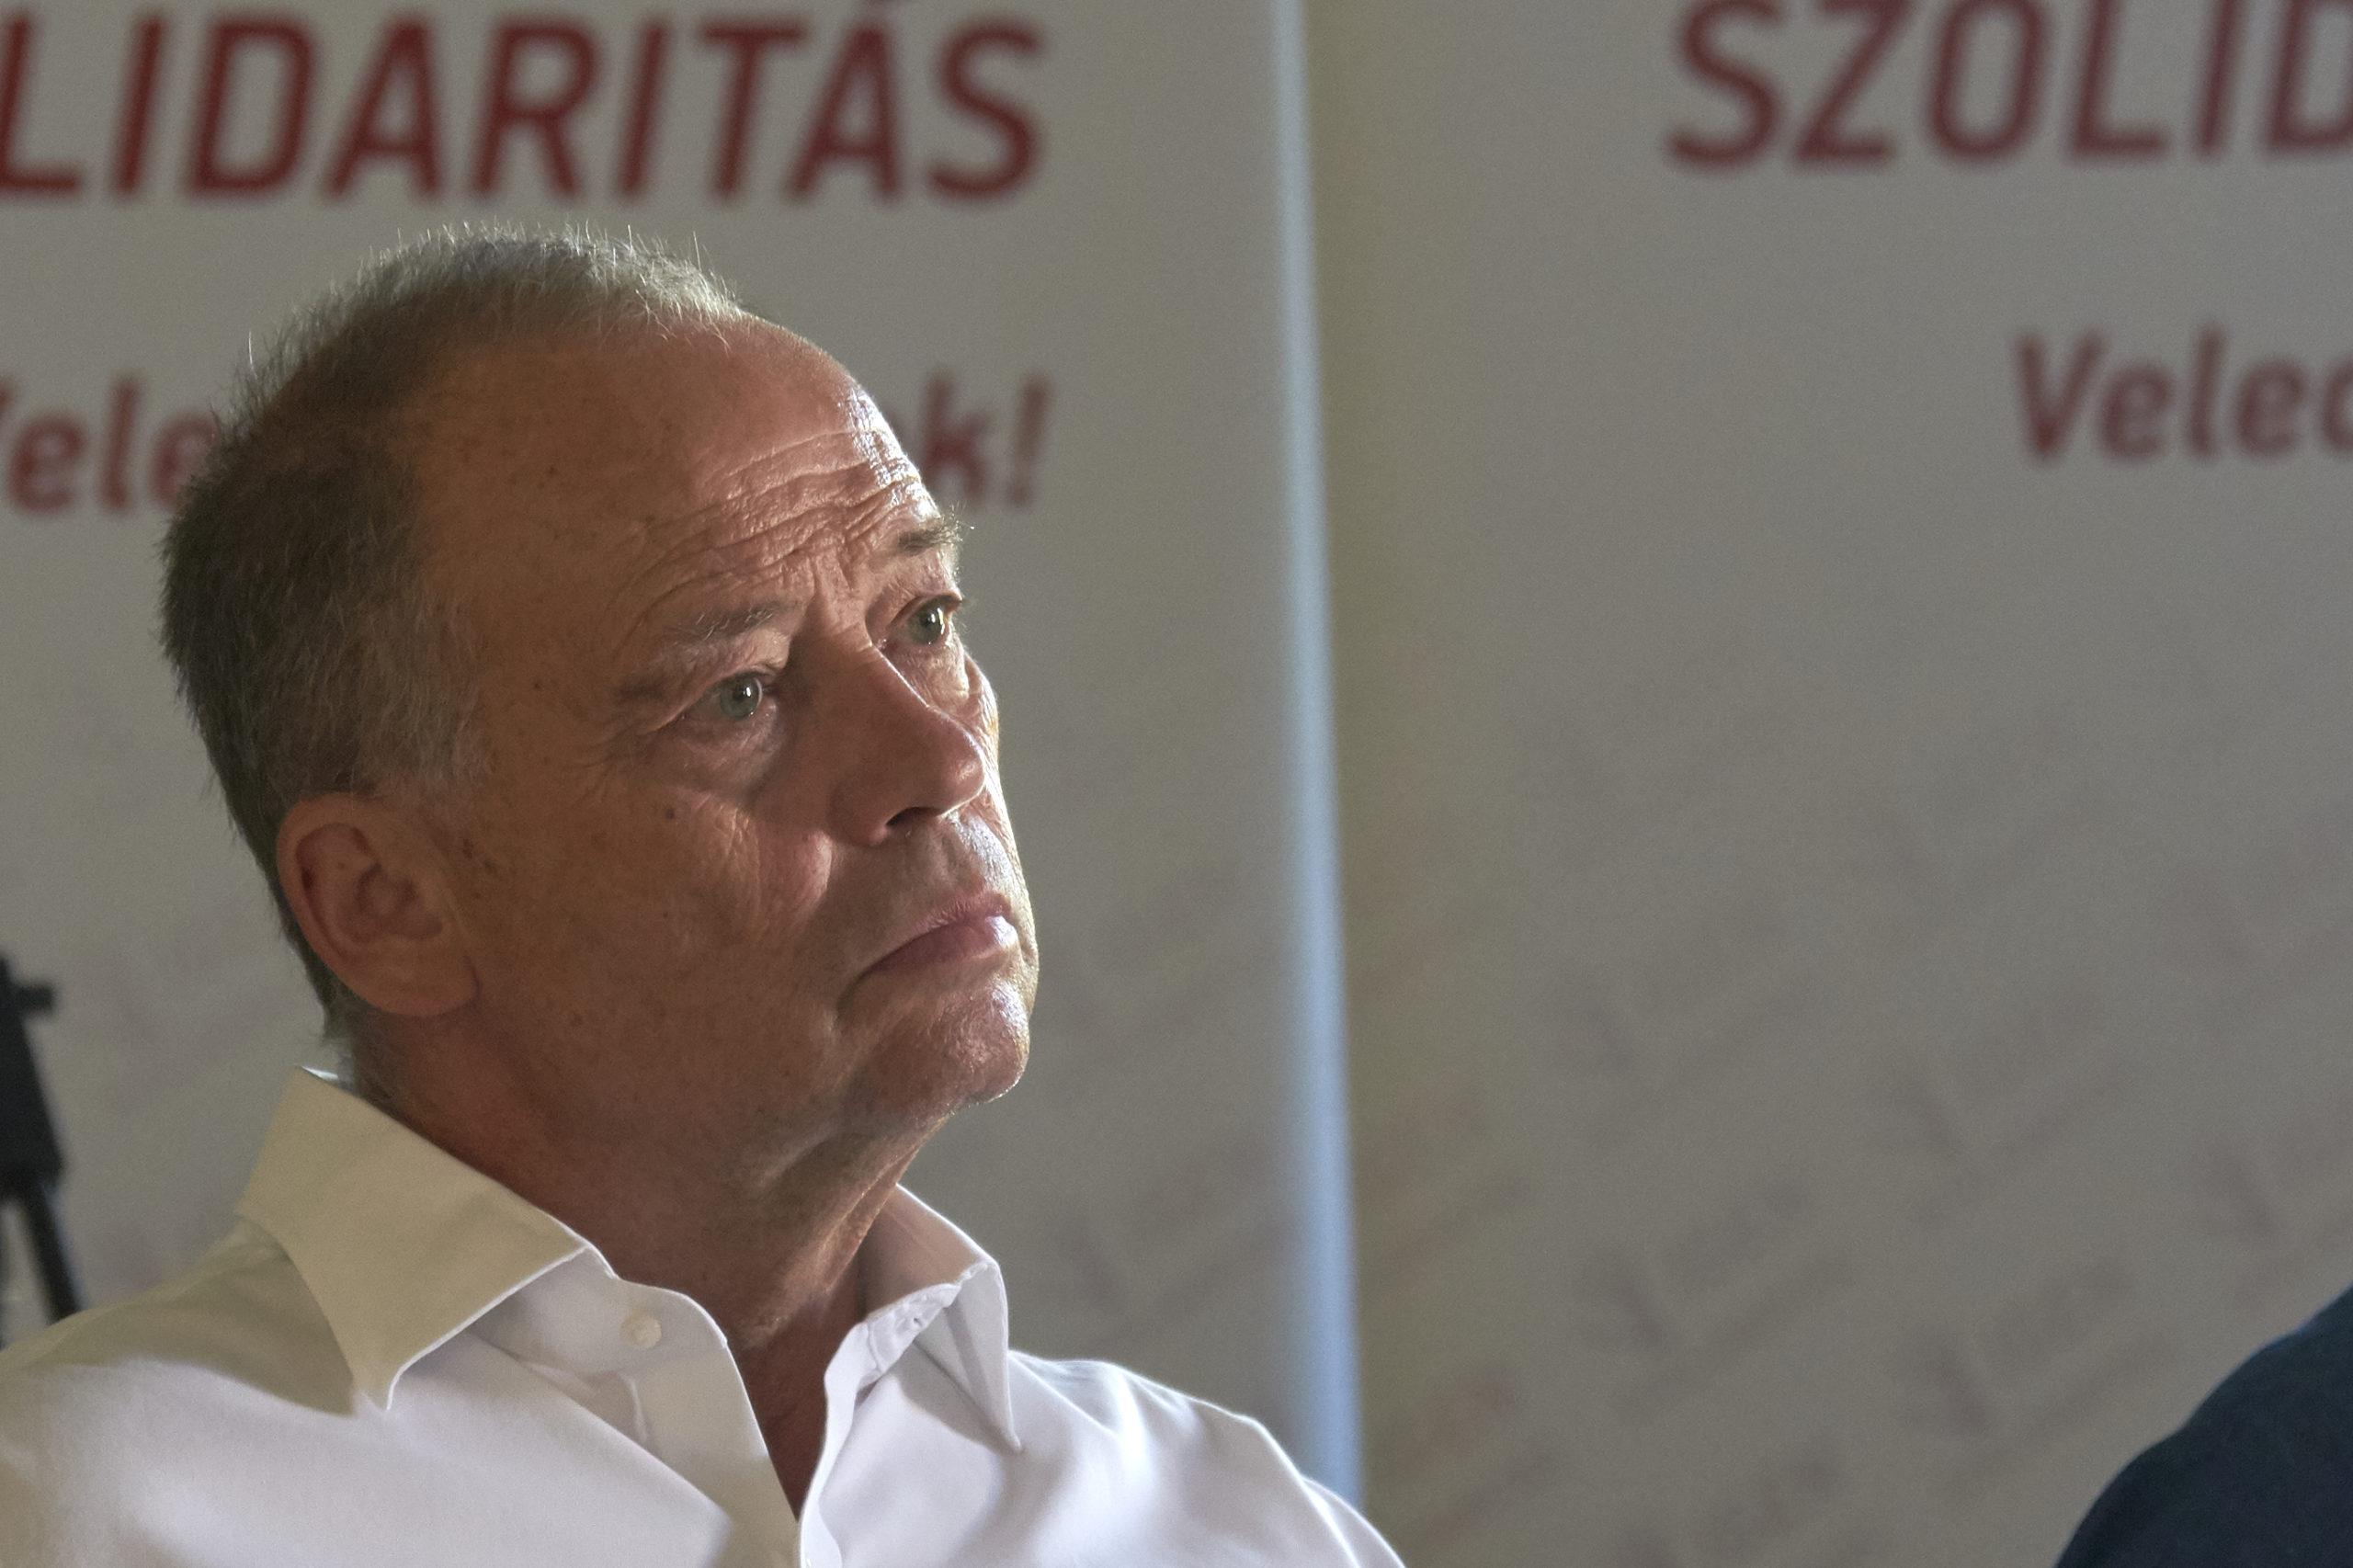 Varga Mihály idén május elsején akkorát hazudott, mint ide Lacháza! – Az alapjövedelem, mint munkaellenes magatartás?